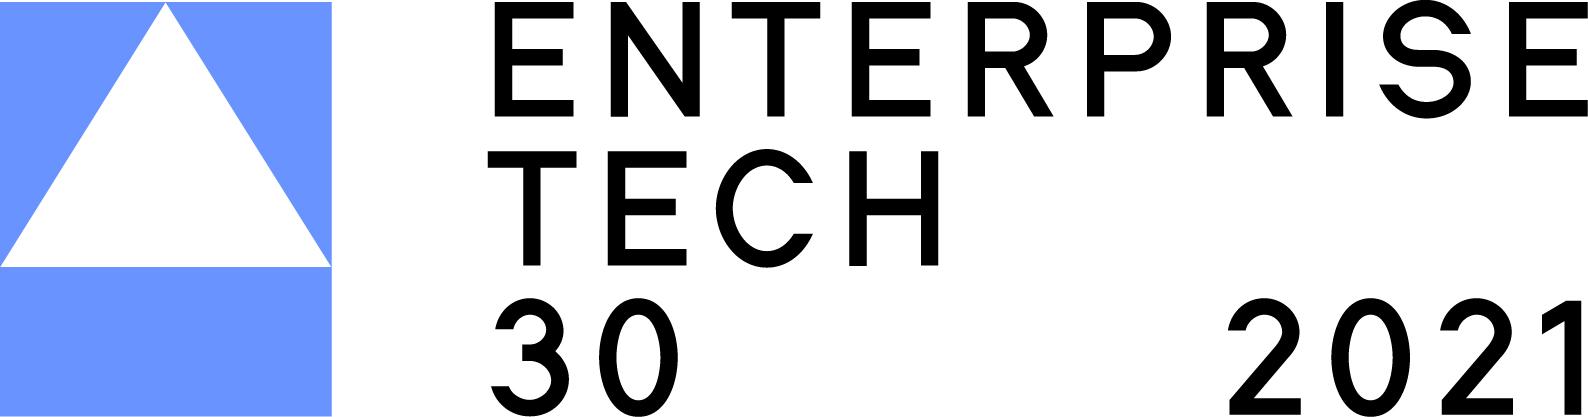 Enterprise Tech 30 2020